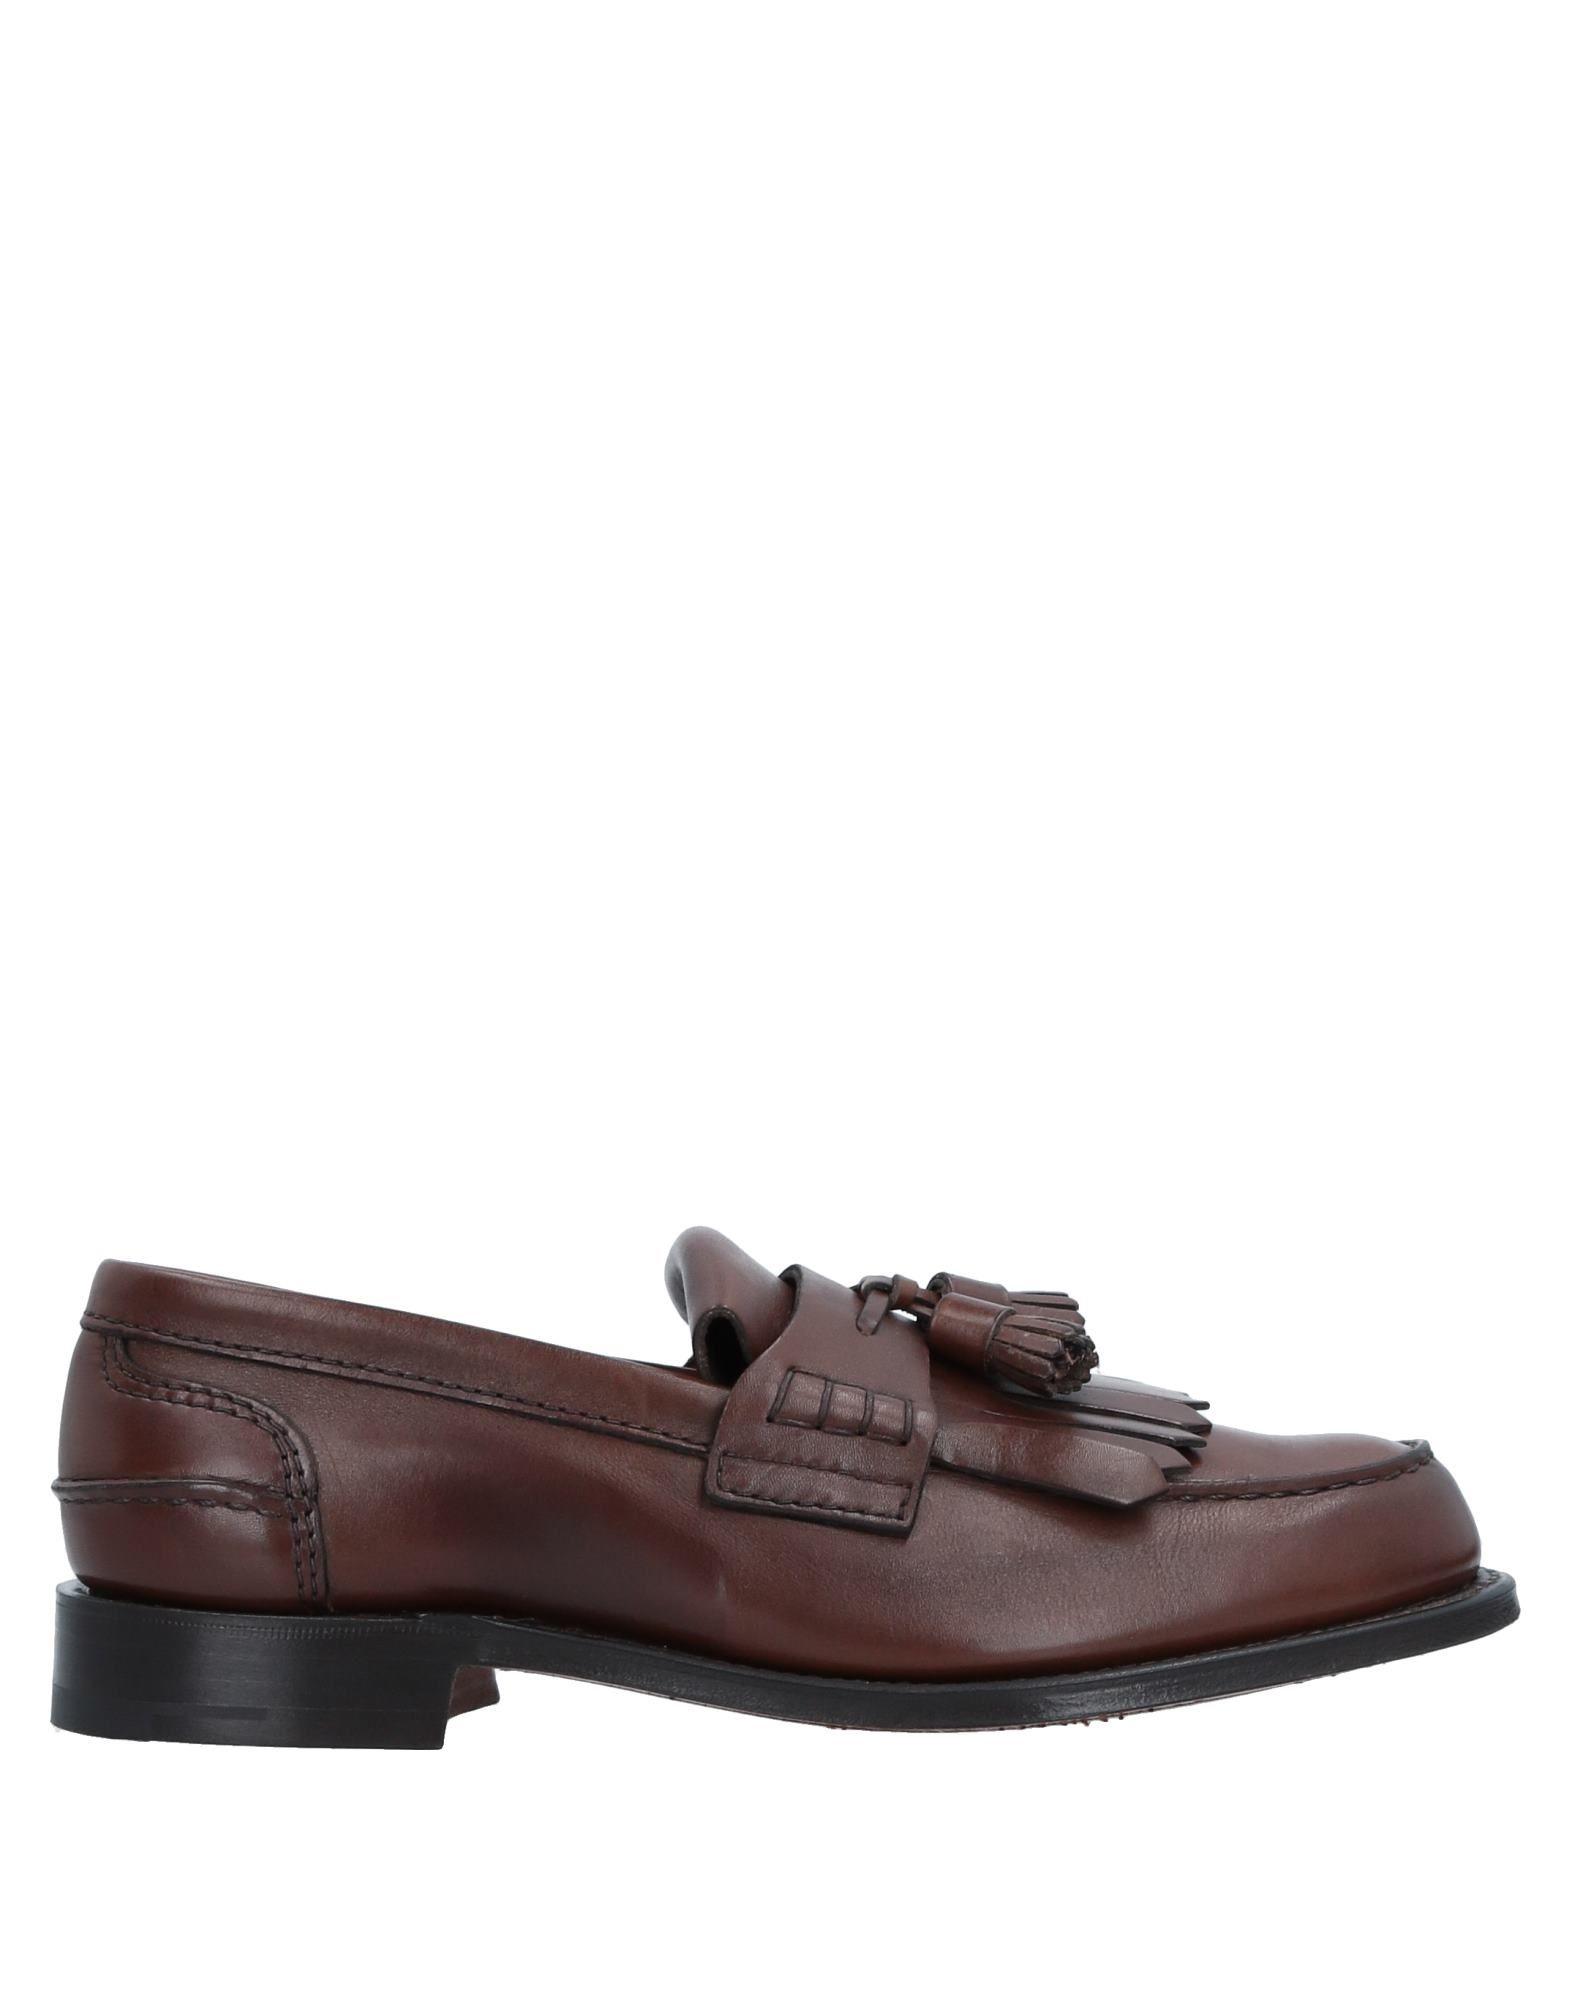 Nuevos zapatos para hombres y mujeres, descuento  por tiempo limitado  descuento Mocasín Church's Hombre - Mocasines Church's e7f3ac